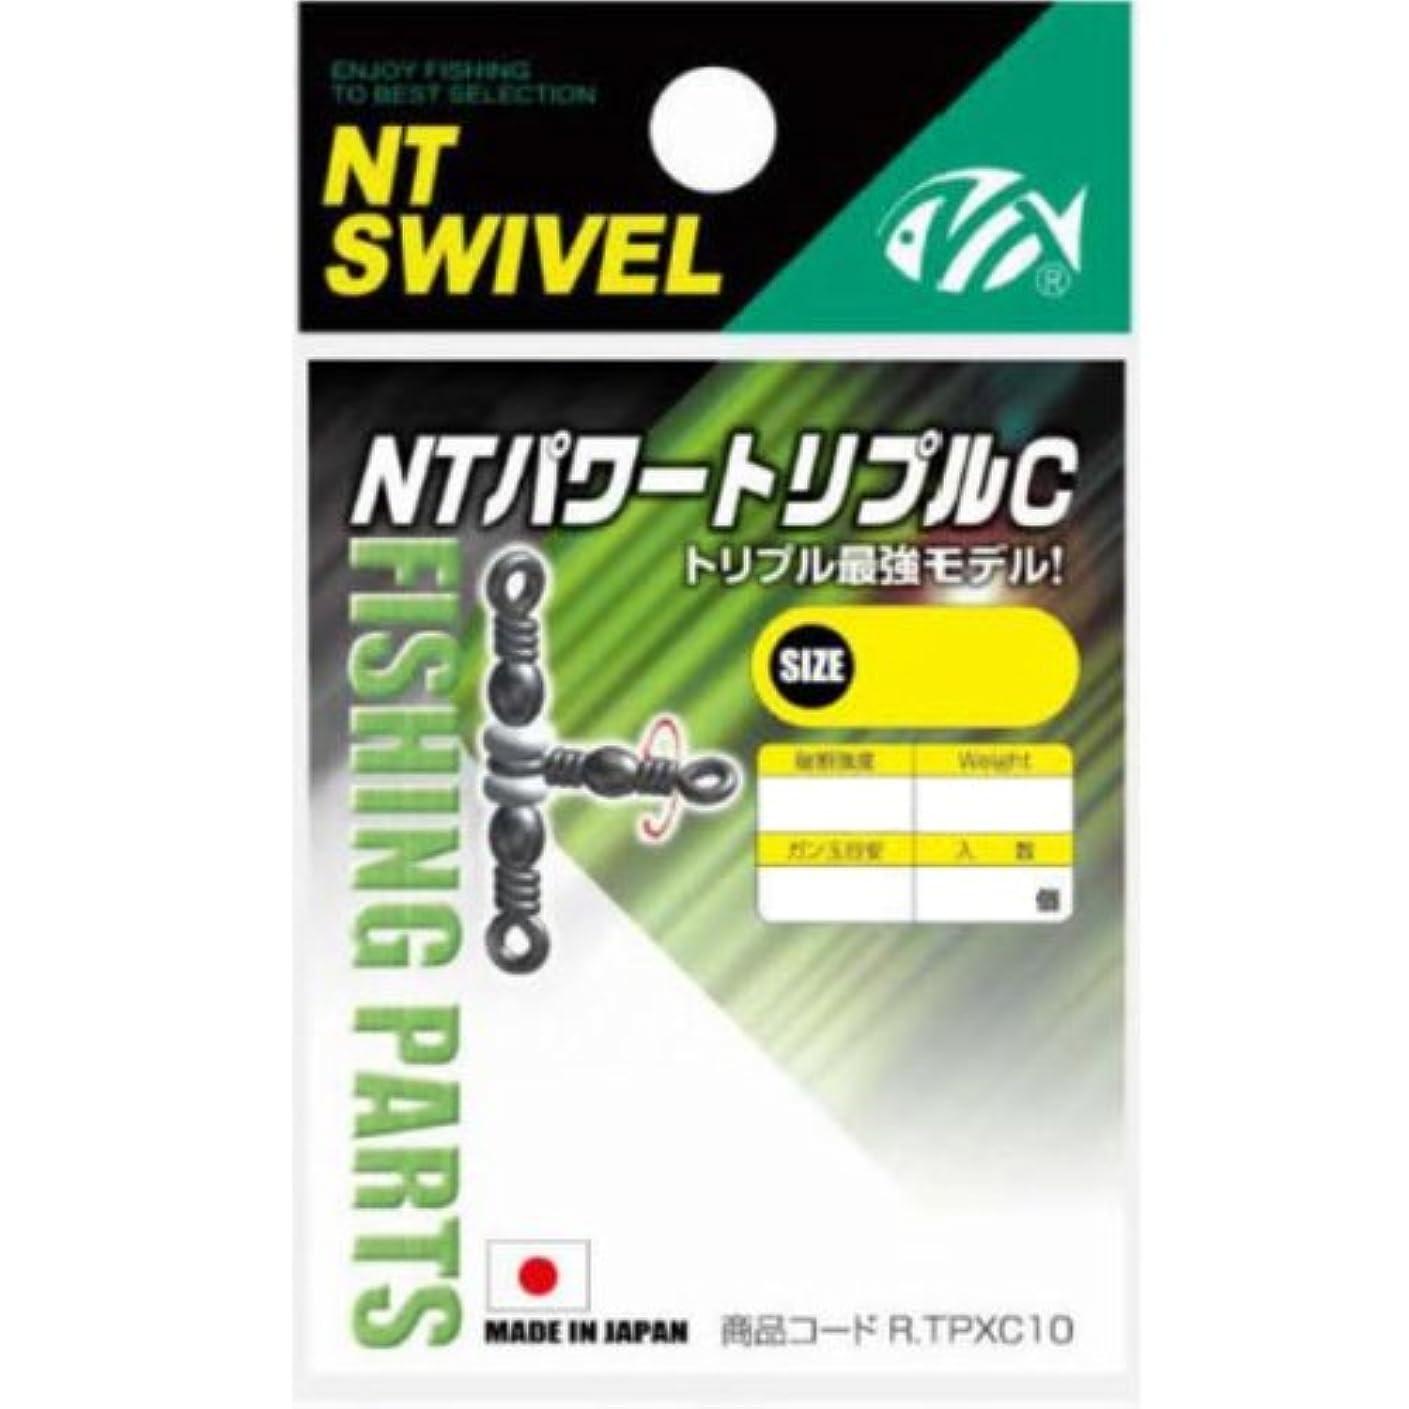 シャッターグリルしかしNTスイベル(N.T.SWIVEL) NTパワートリプル C-タイプ #12